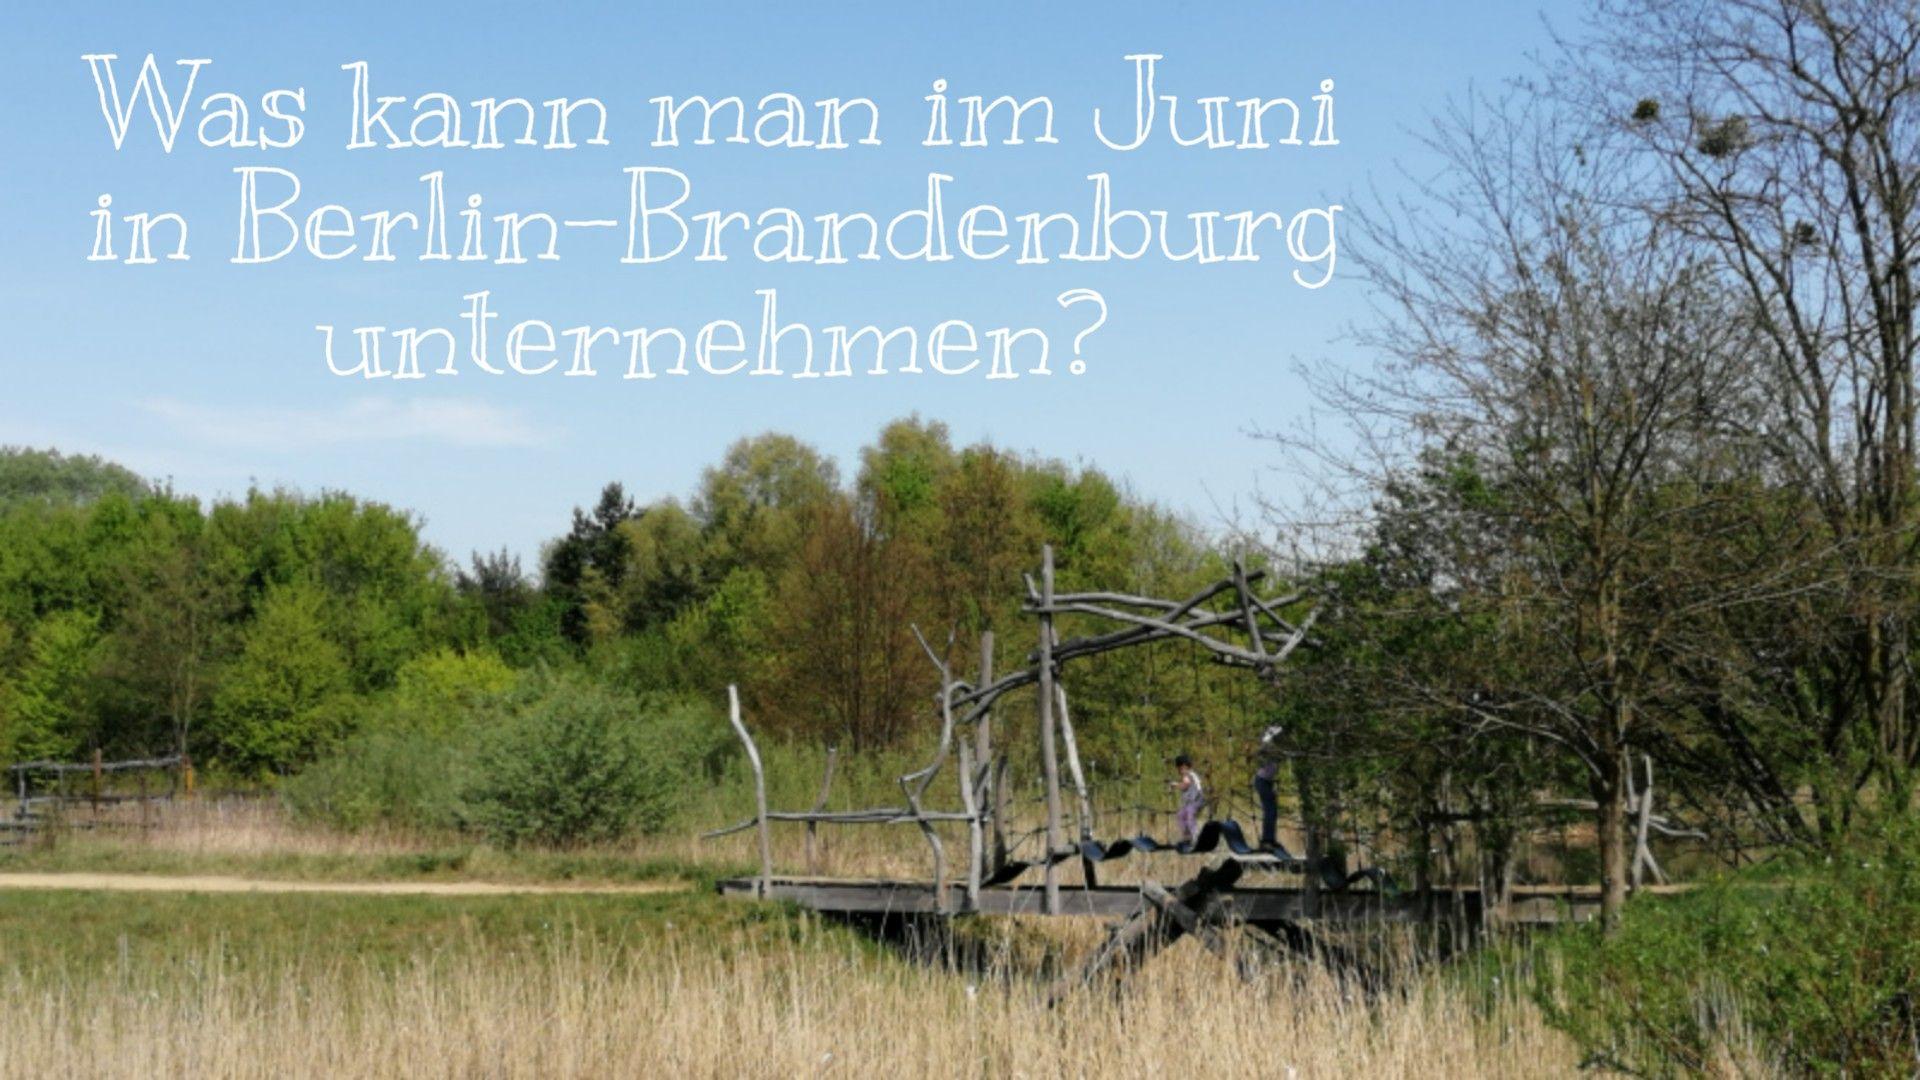 Pin Von Stadtwaldkind Auf Ausfluge Mit Kindern In Berlin Und Brandenburg Berlin Brandenburg Brandenburg Ausflug